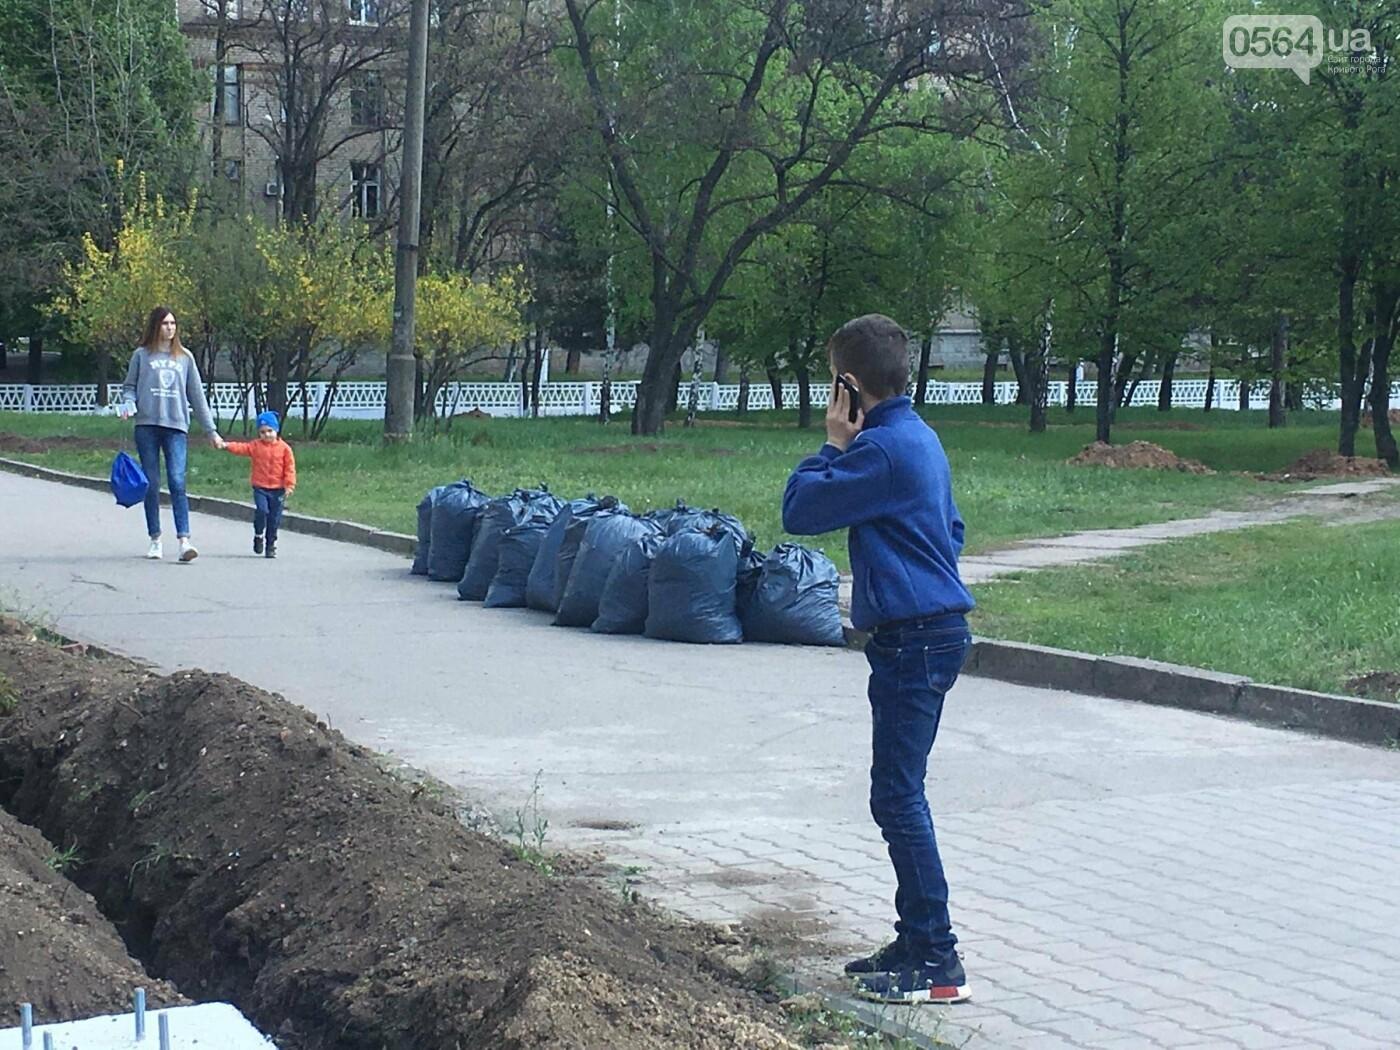 """""""В Европу без мусора!"""": криворожане помогли подготовить парк к Еврофесту (ФОТО), фото-15"""